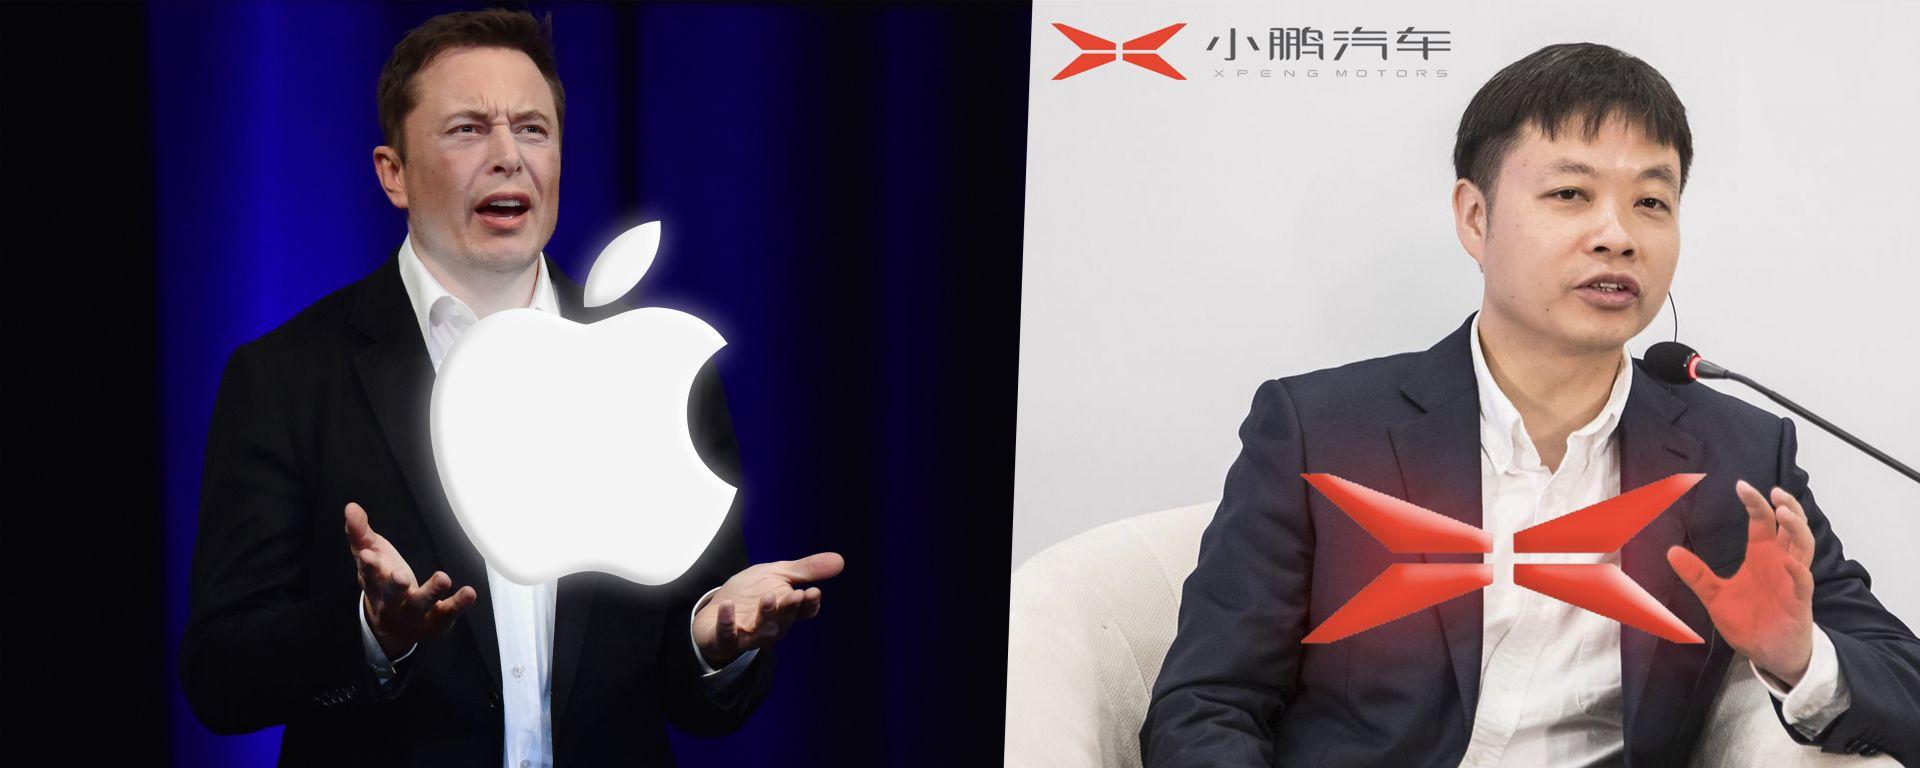 Tesla ed Apple uniti contro Xpeng: i dettagli della spy-story